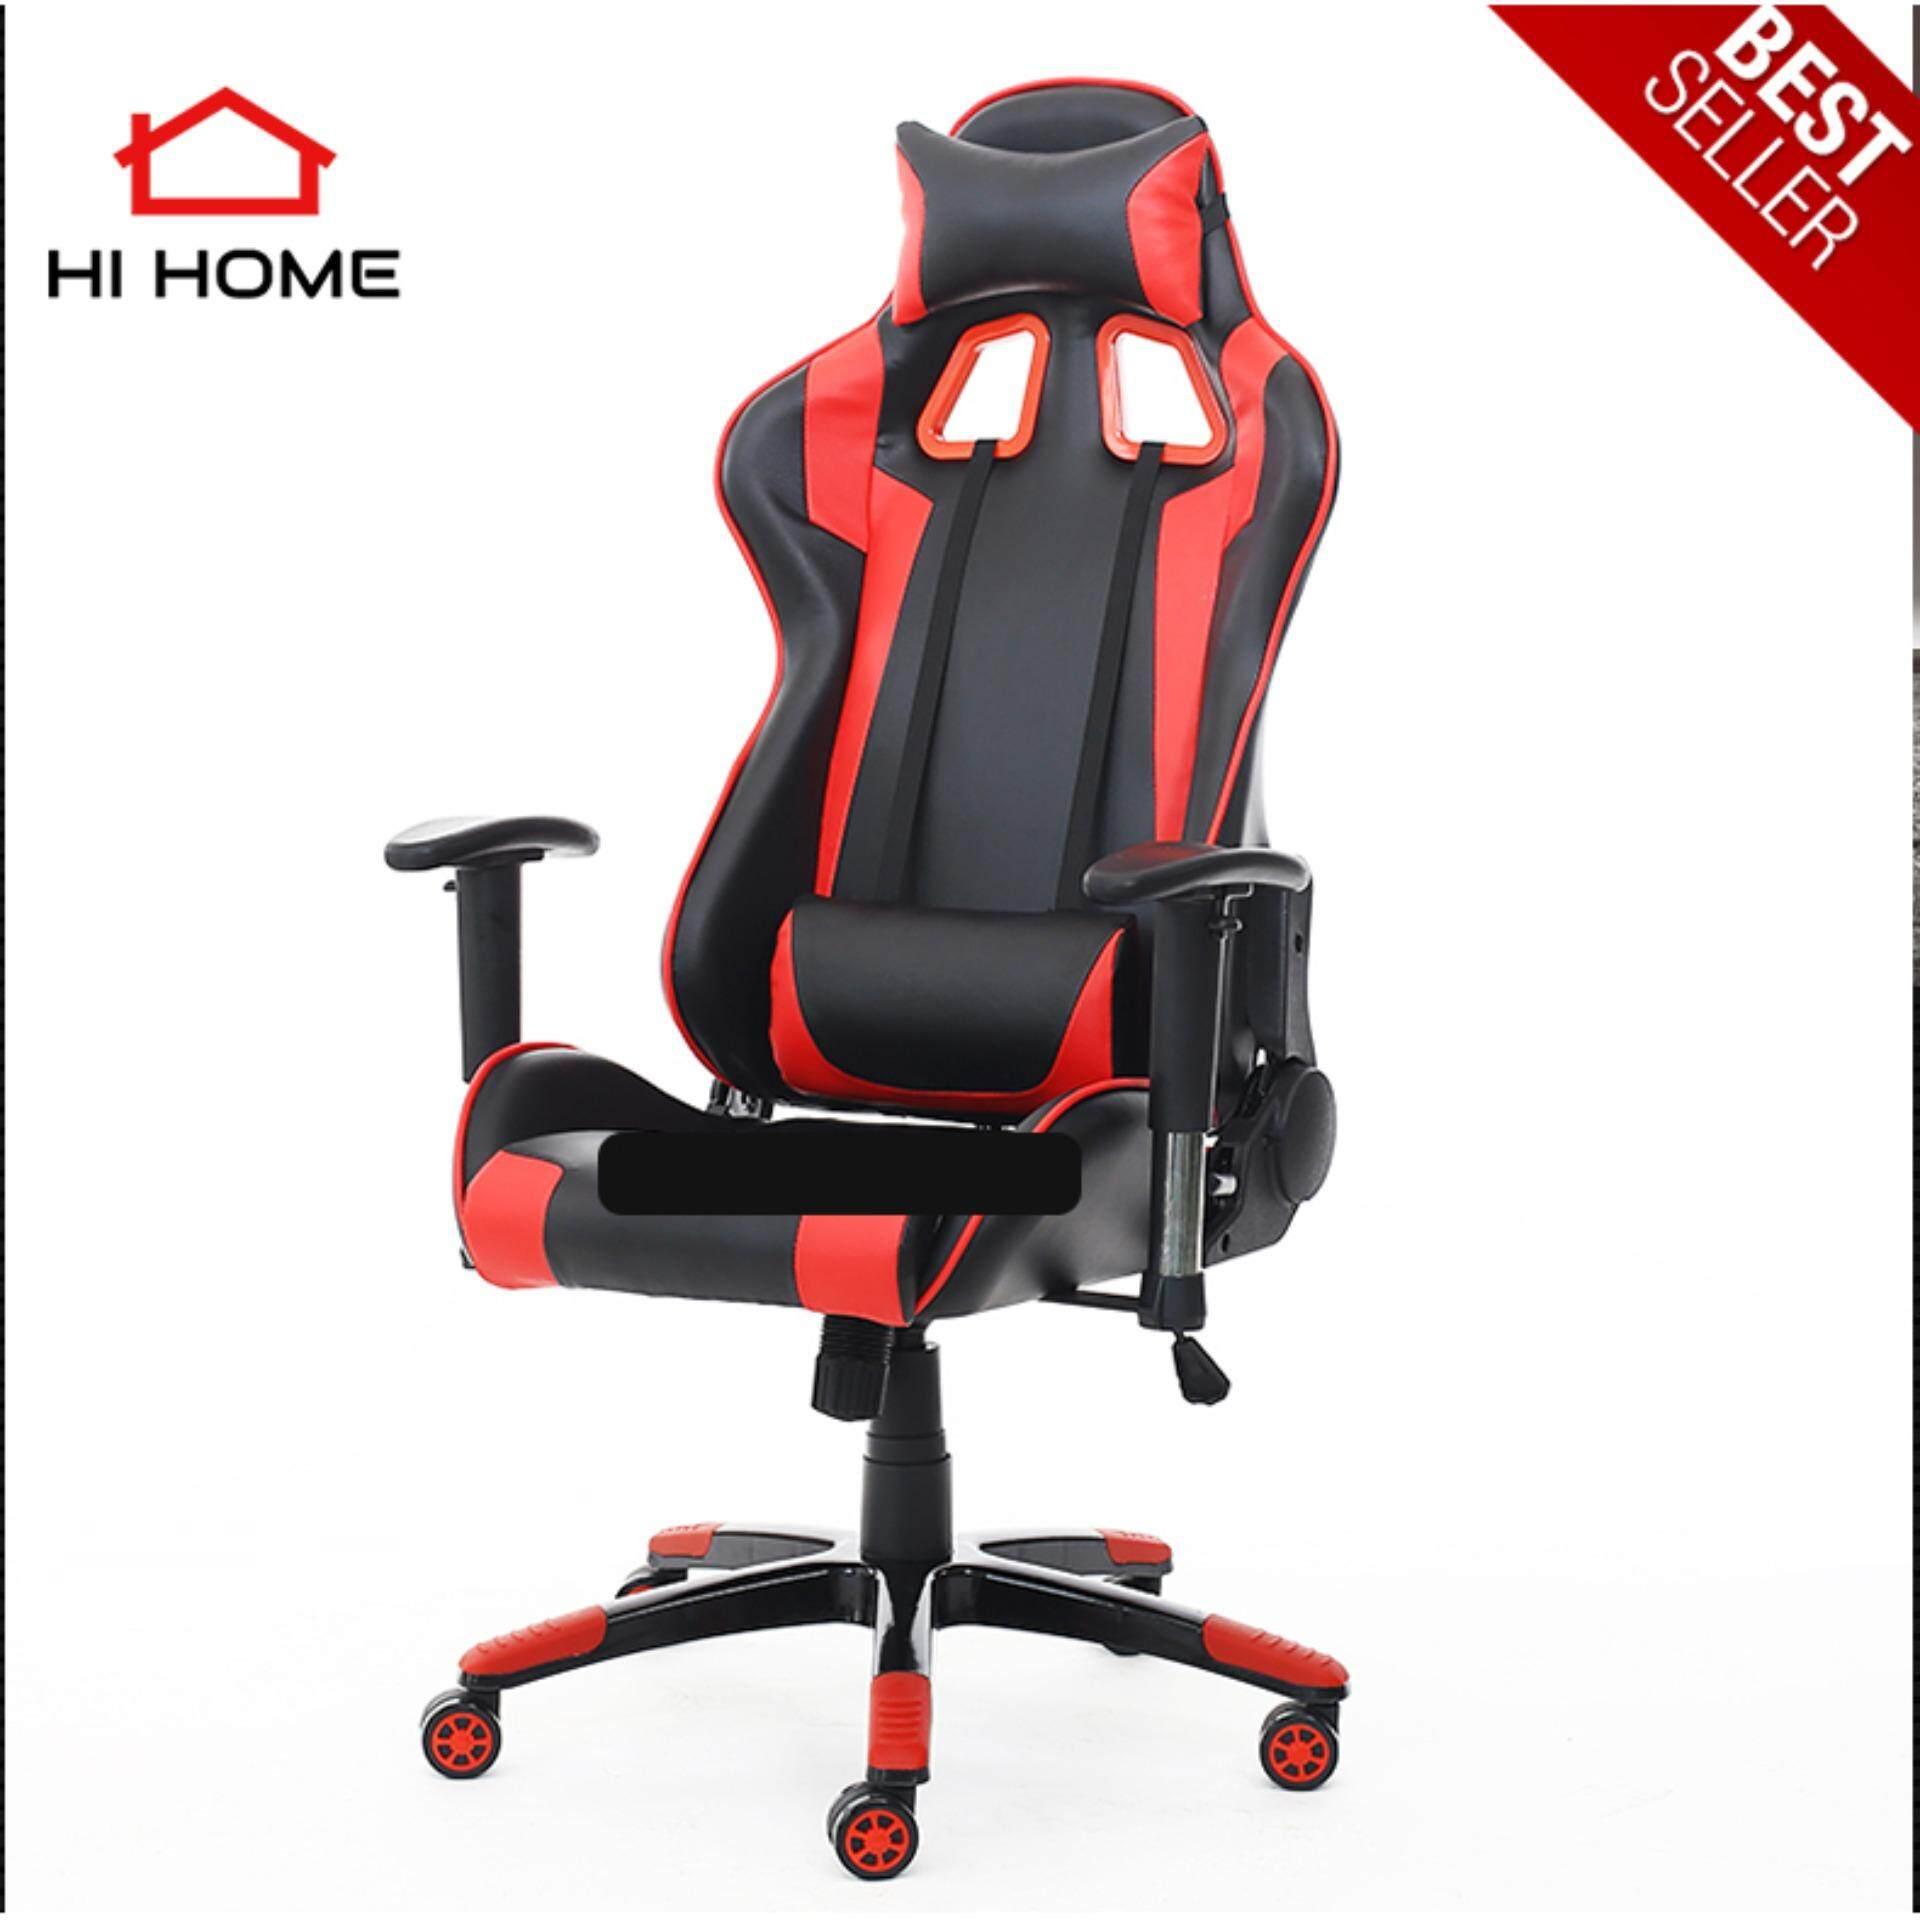 สอนใช้งาน  เก้าอี้เล่นเกม เก้าอี้เกมส์ Racing Raming Chair รุ่น G1 (RED) Gaming chair Office Chair เก้าอี้ทำงาน เก้าอี้สุขภาพ เก้าอี้คอม เก้าอี้เกม เก้าอี้คอมนั่งสบาย เก้าอี้สำนักงาน เก้าอี้ผู้บริหาร เก้าอี้ทำงาน เฟอร์นิเจอร์สำนักงาน โฮมออฟฟิศ เก้าอี้ประชุม